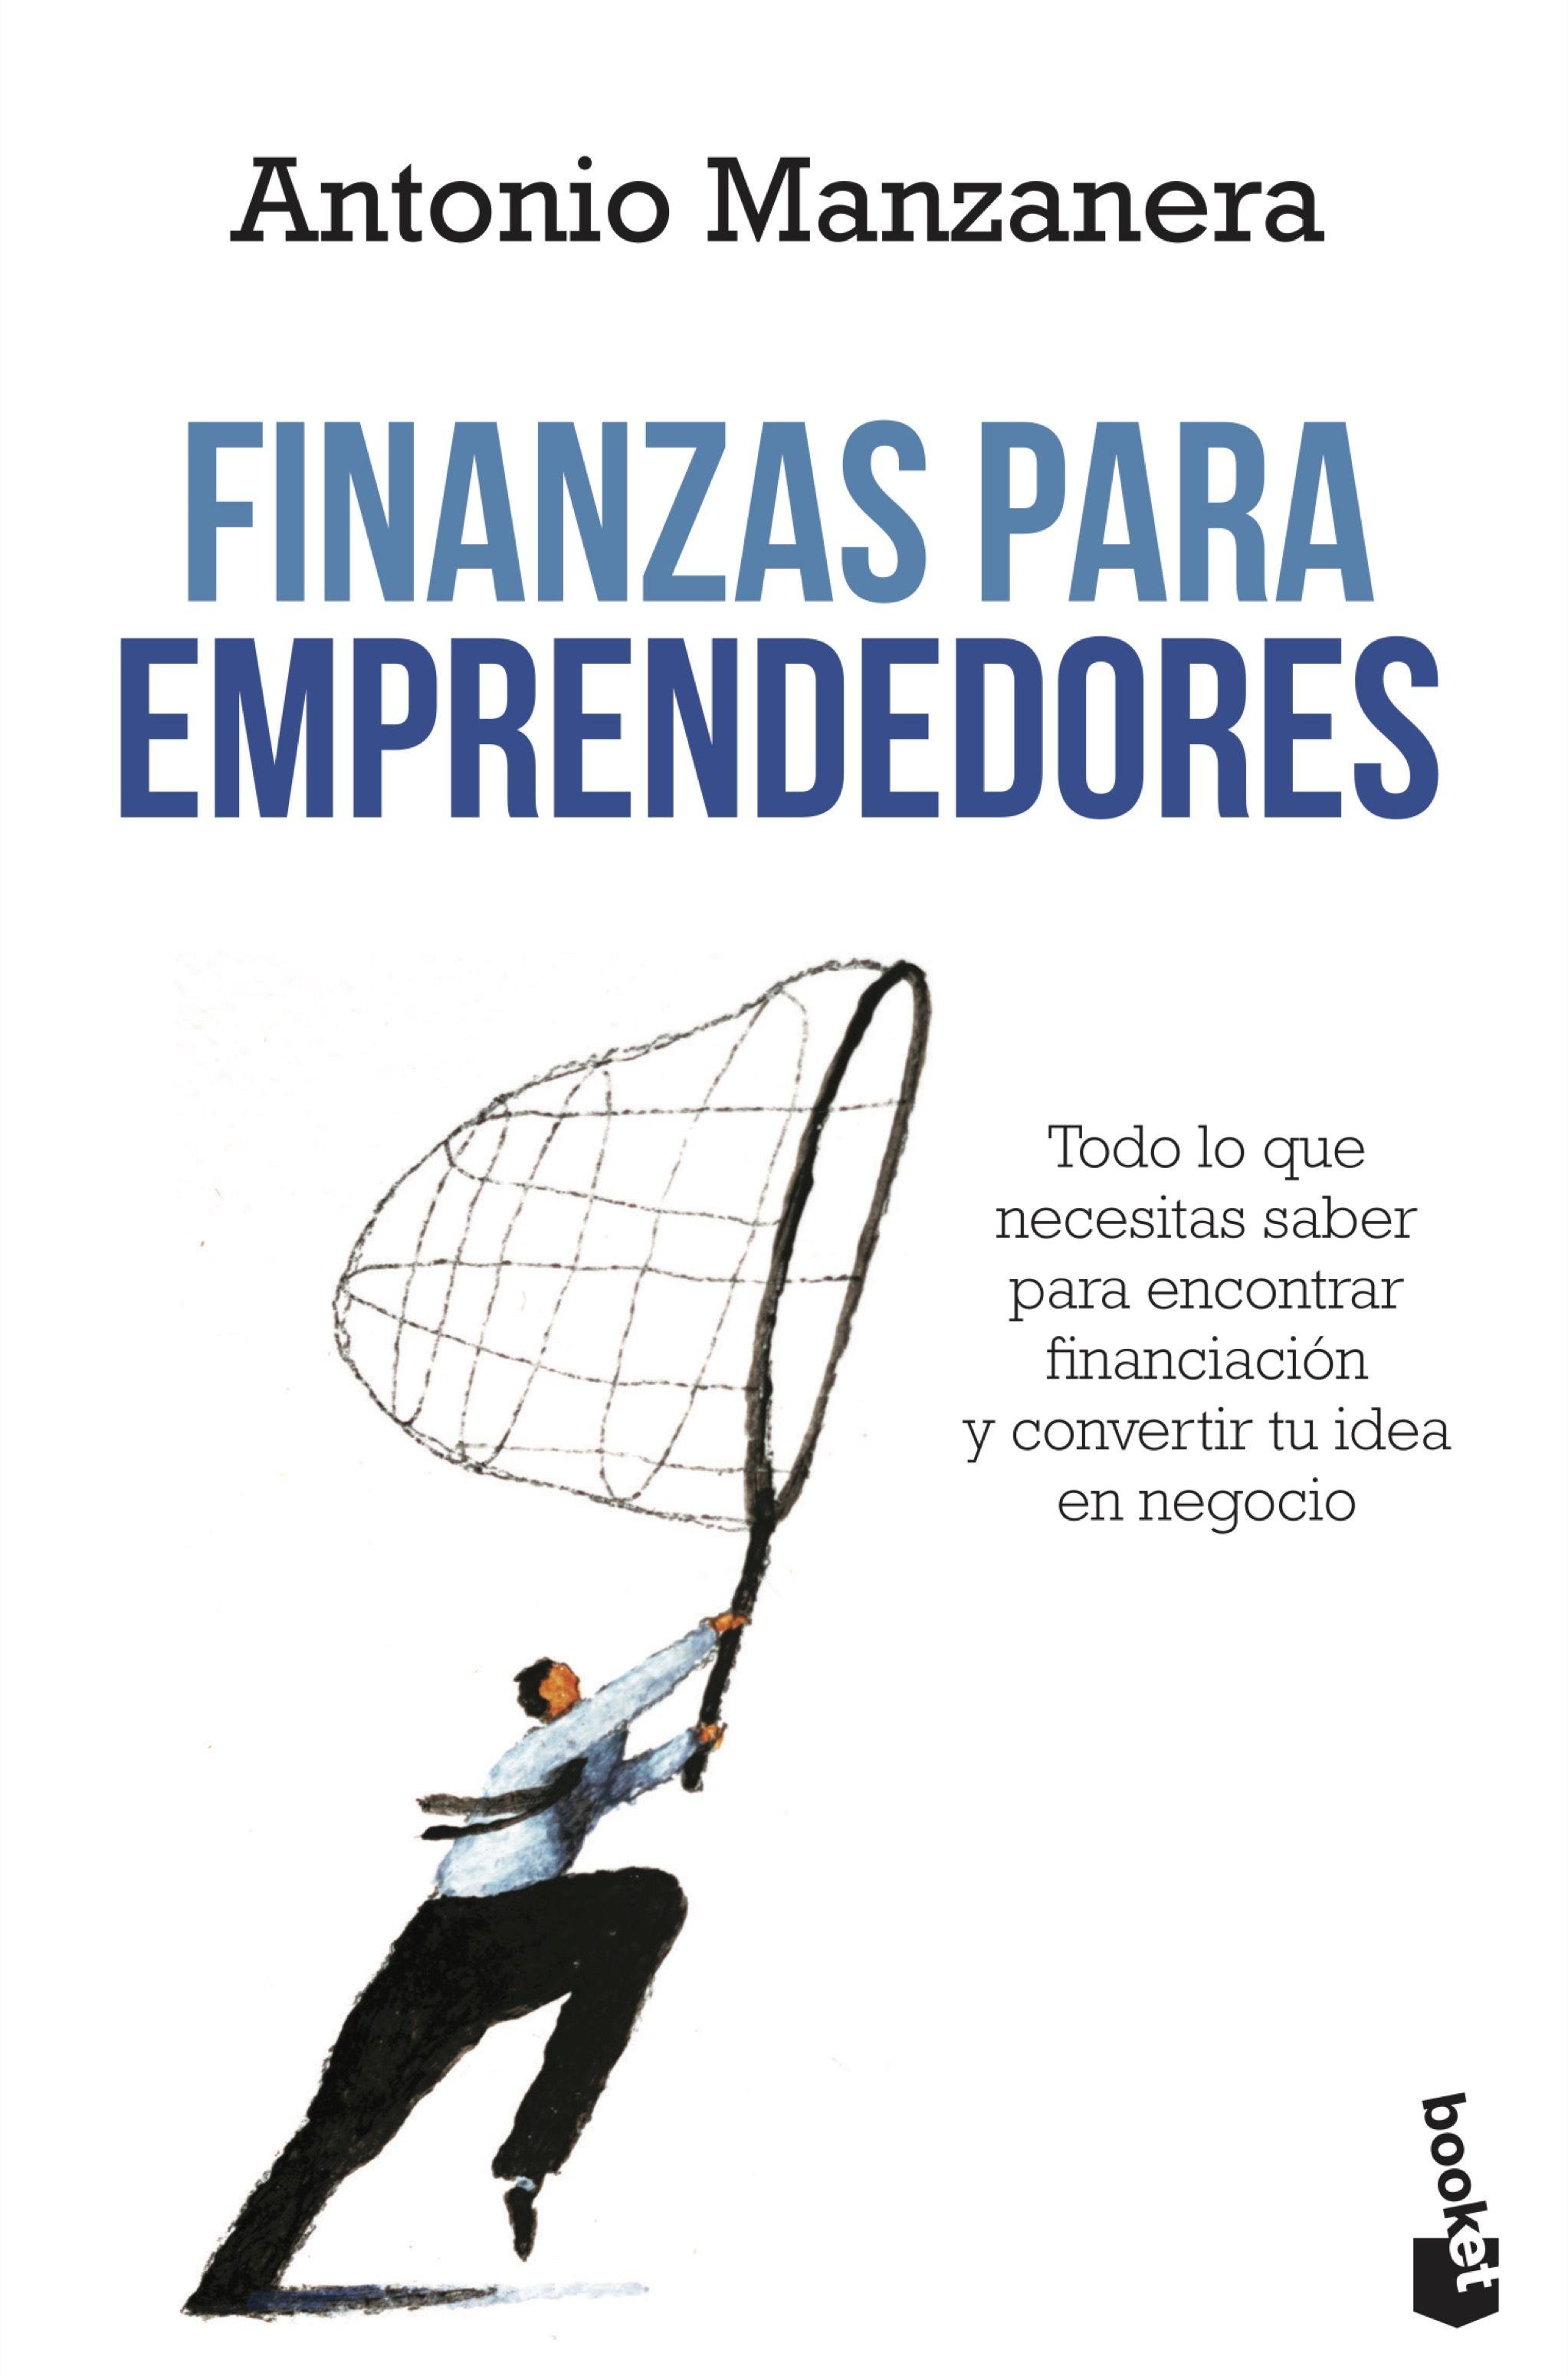 finanzas para emprendedores-antonio manzanera-9788423414512